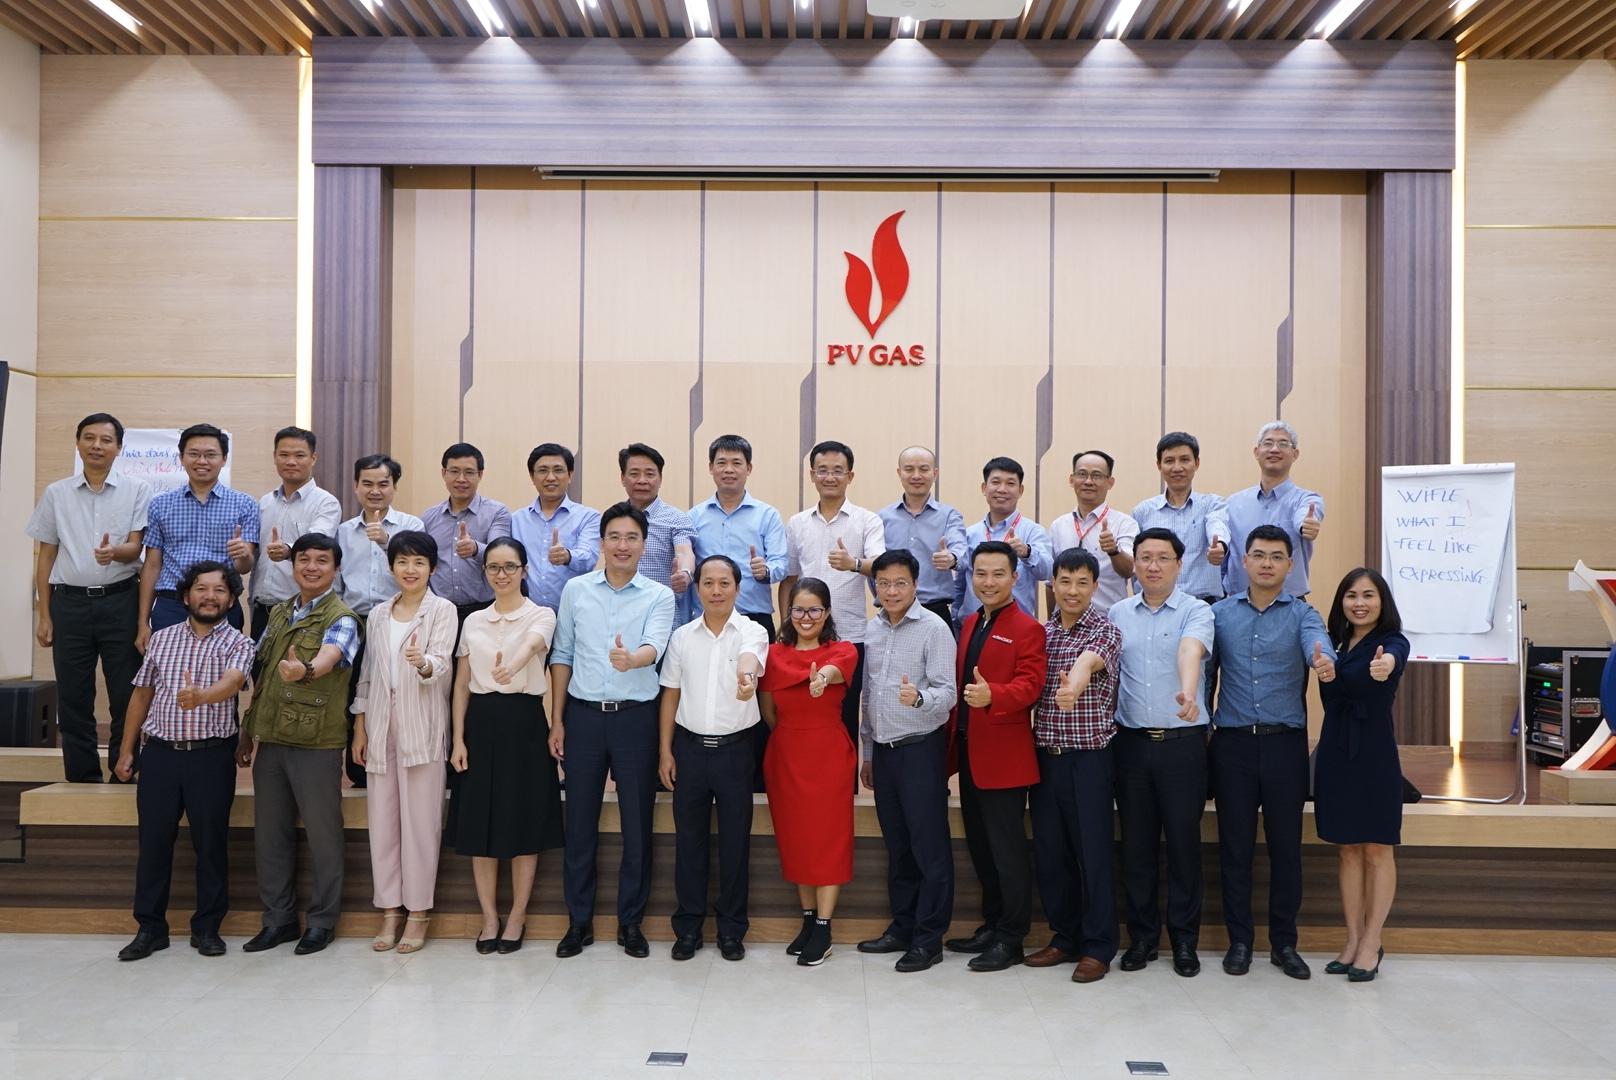 Thể hiện sự quyết tâm phát triển VHDN PV GAS